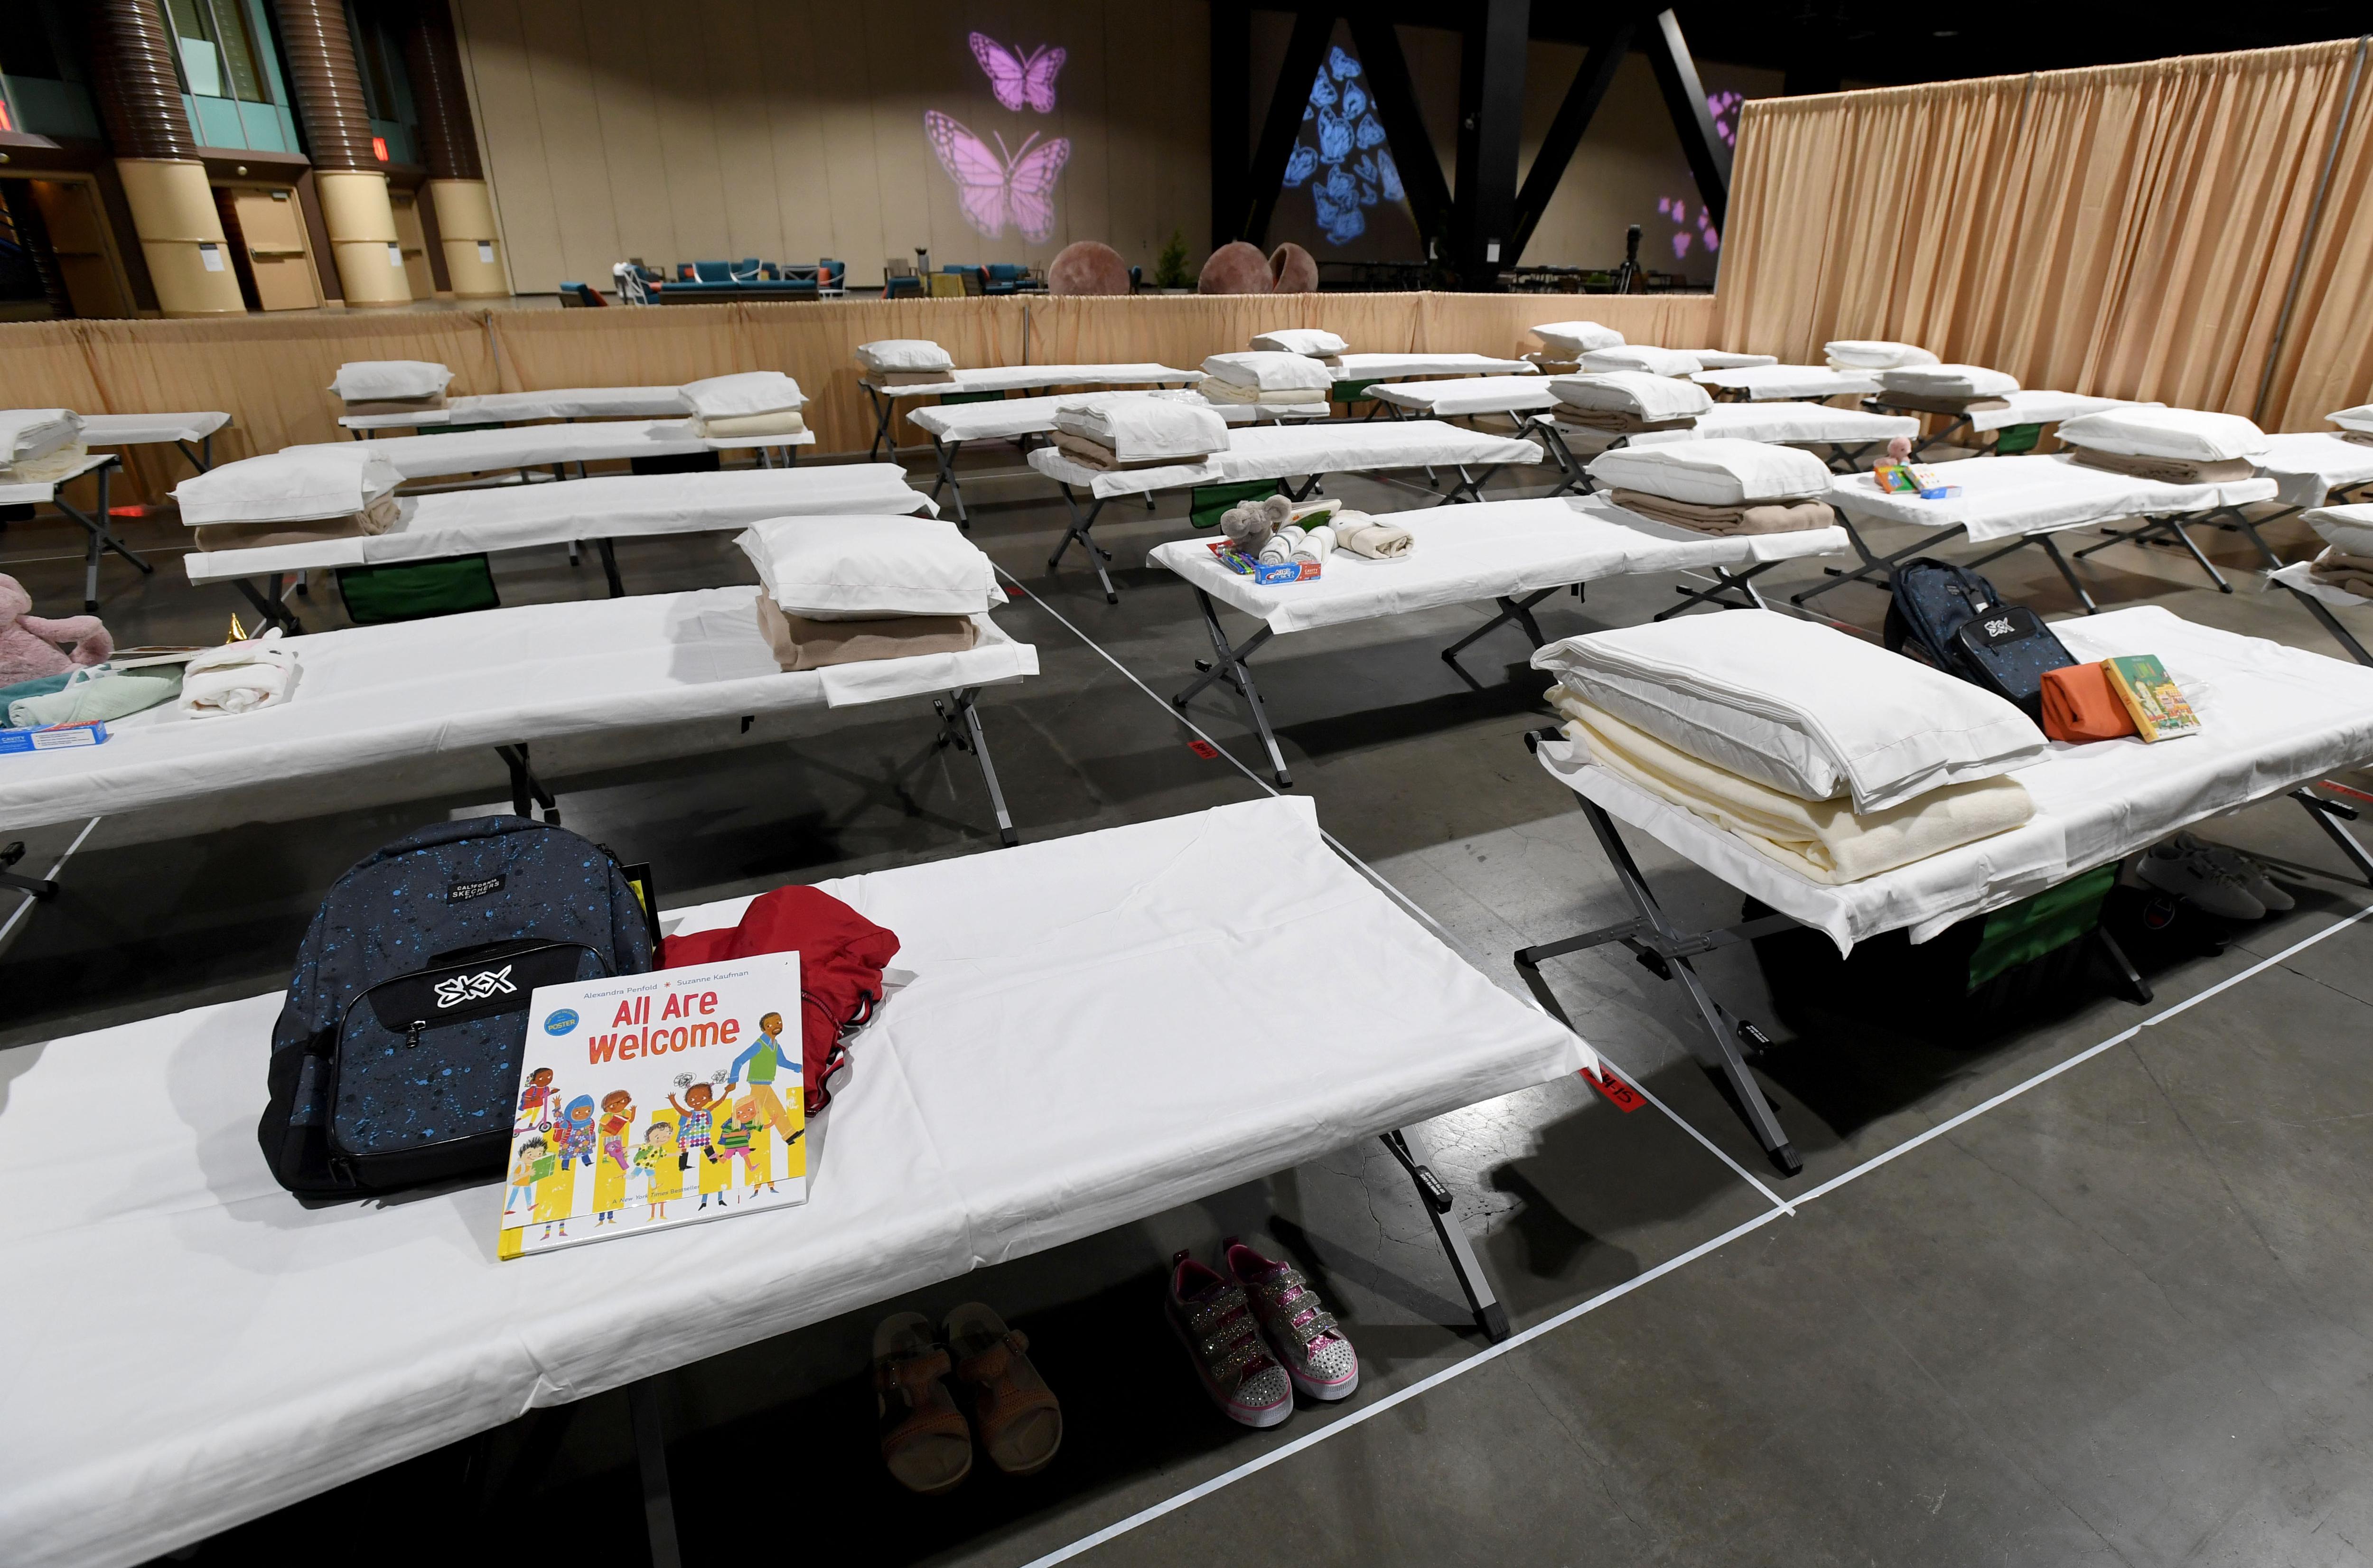 Los dormitorios instalados dentro del Salón de Exhibición B para niños migrantes se muestran durante un recorrido por el Centro de Convenciones de Long Beach el 22 de abril de 2021 en Long Beach, California.